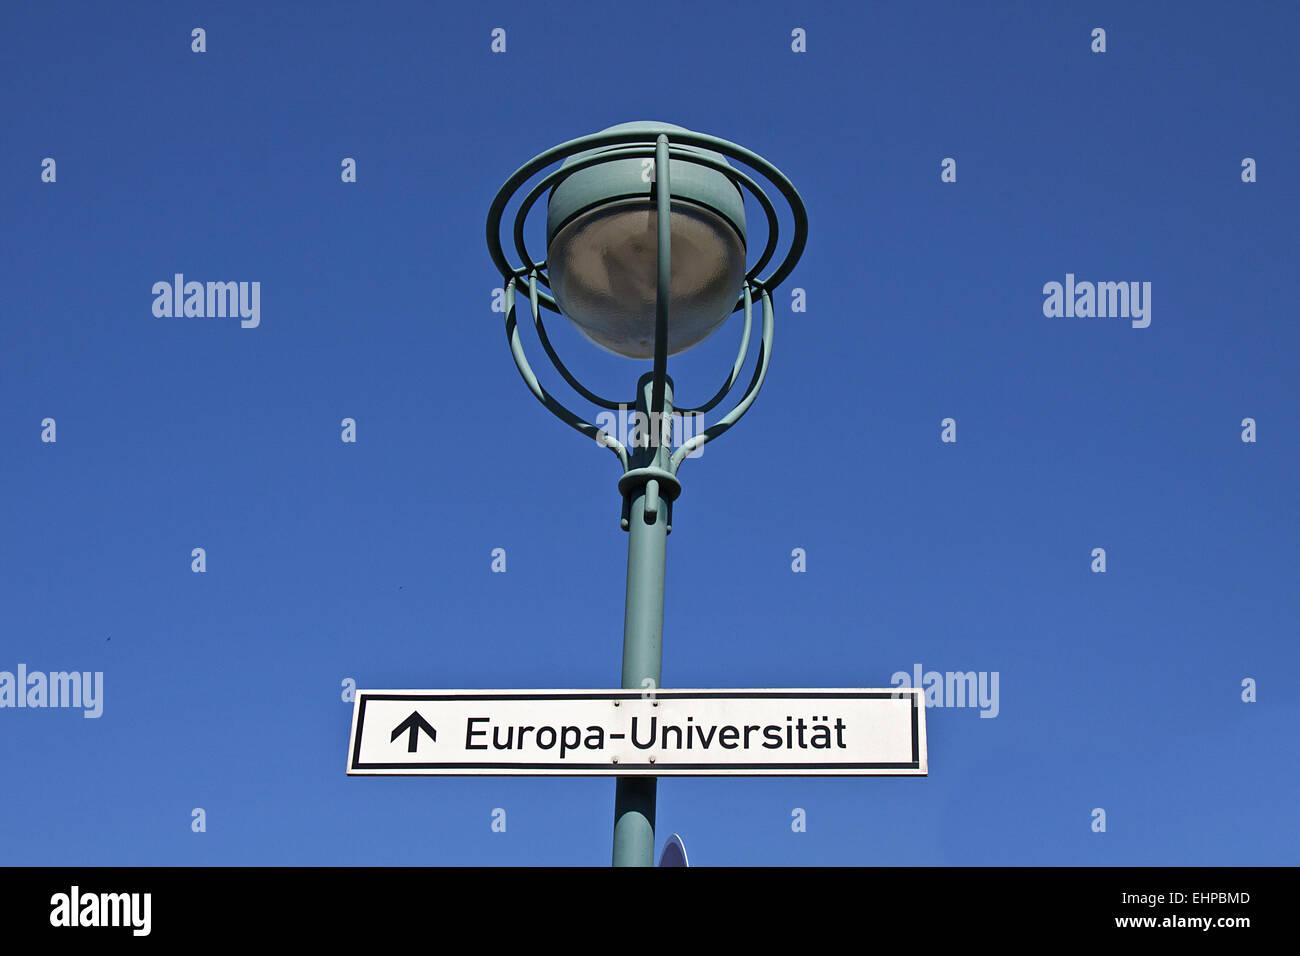 Europe University - Stock Image